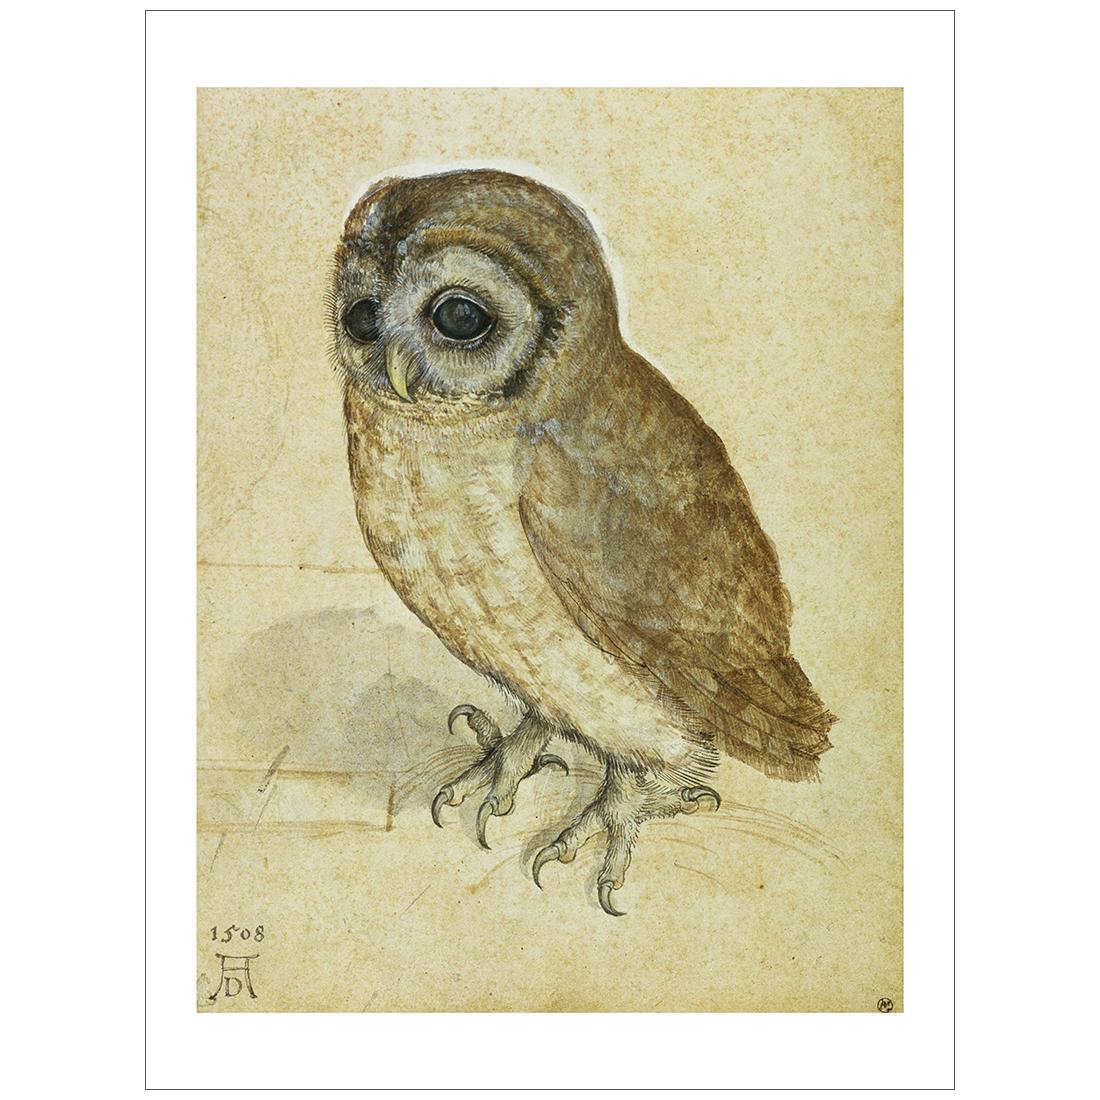 Durer - Little Owl 1508